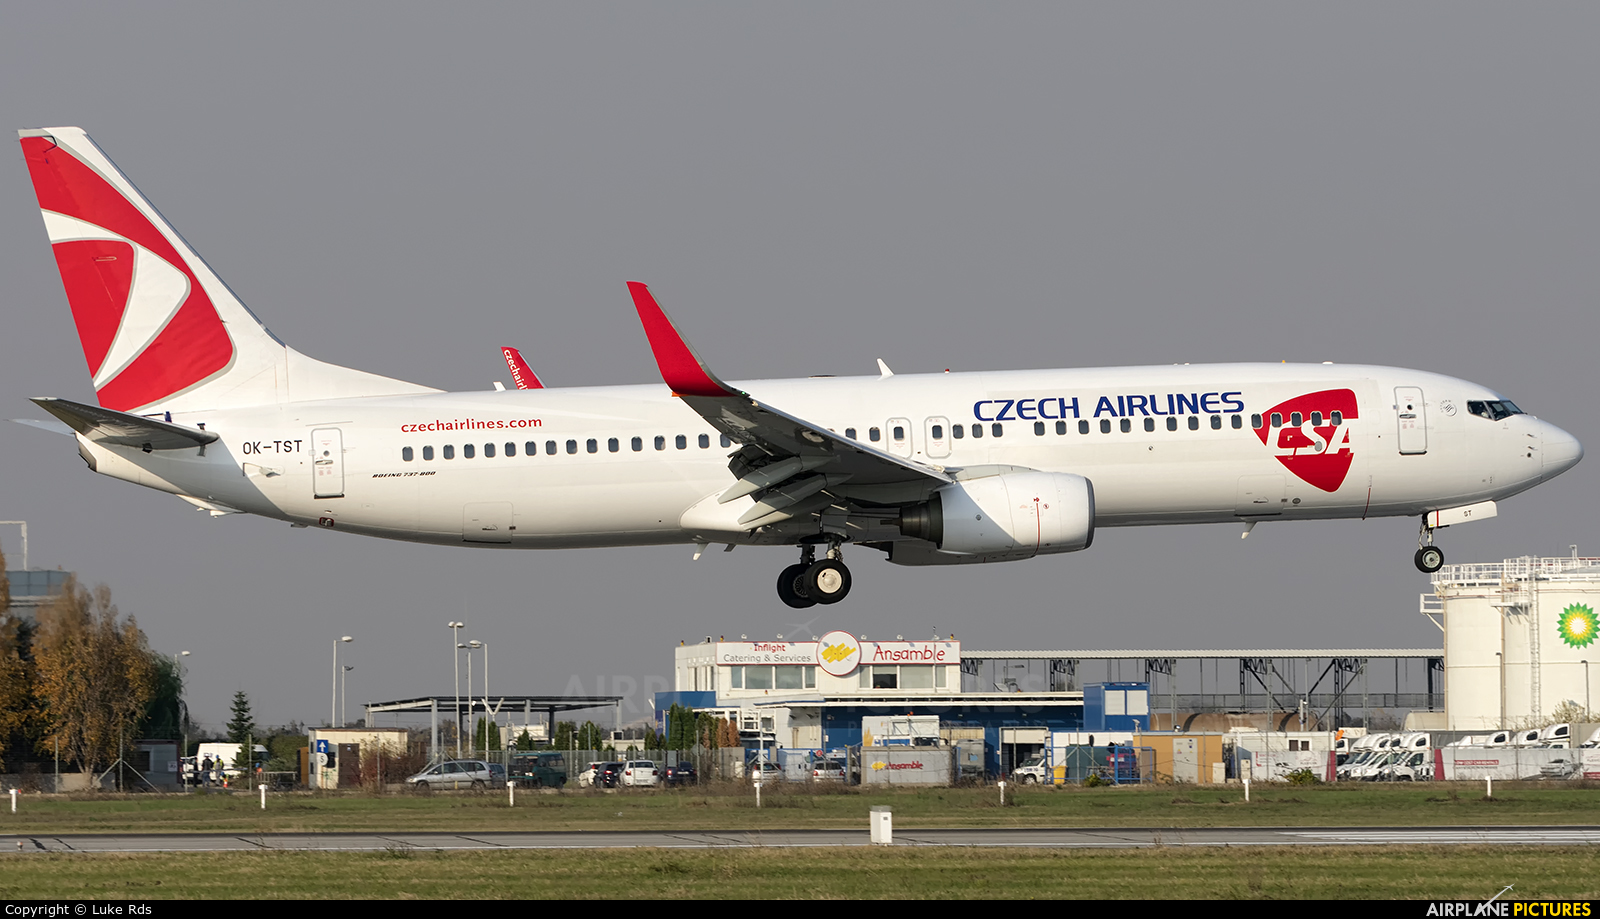 CSA - Czech Airlines OK-TST aircraft at Bucharest - Henri Coandă